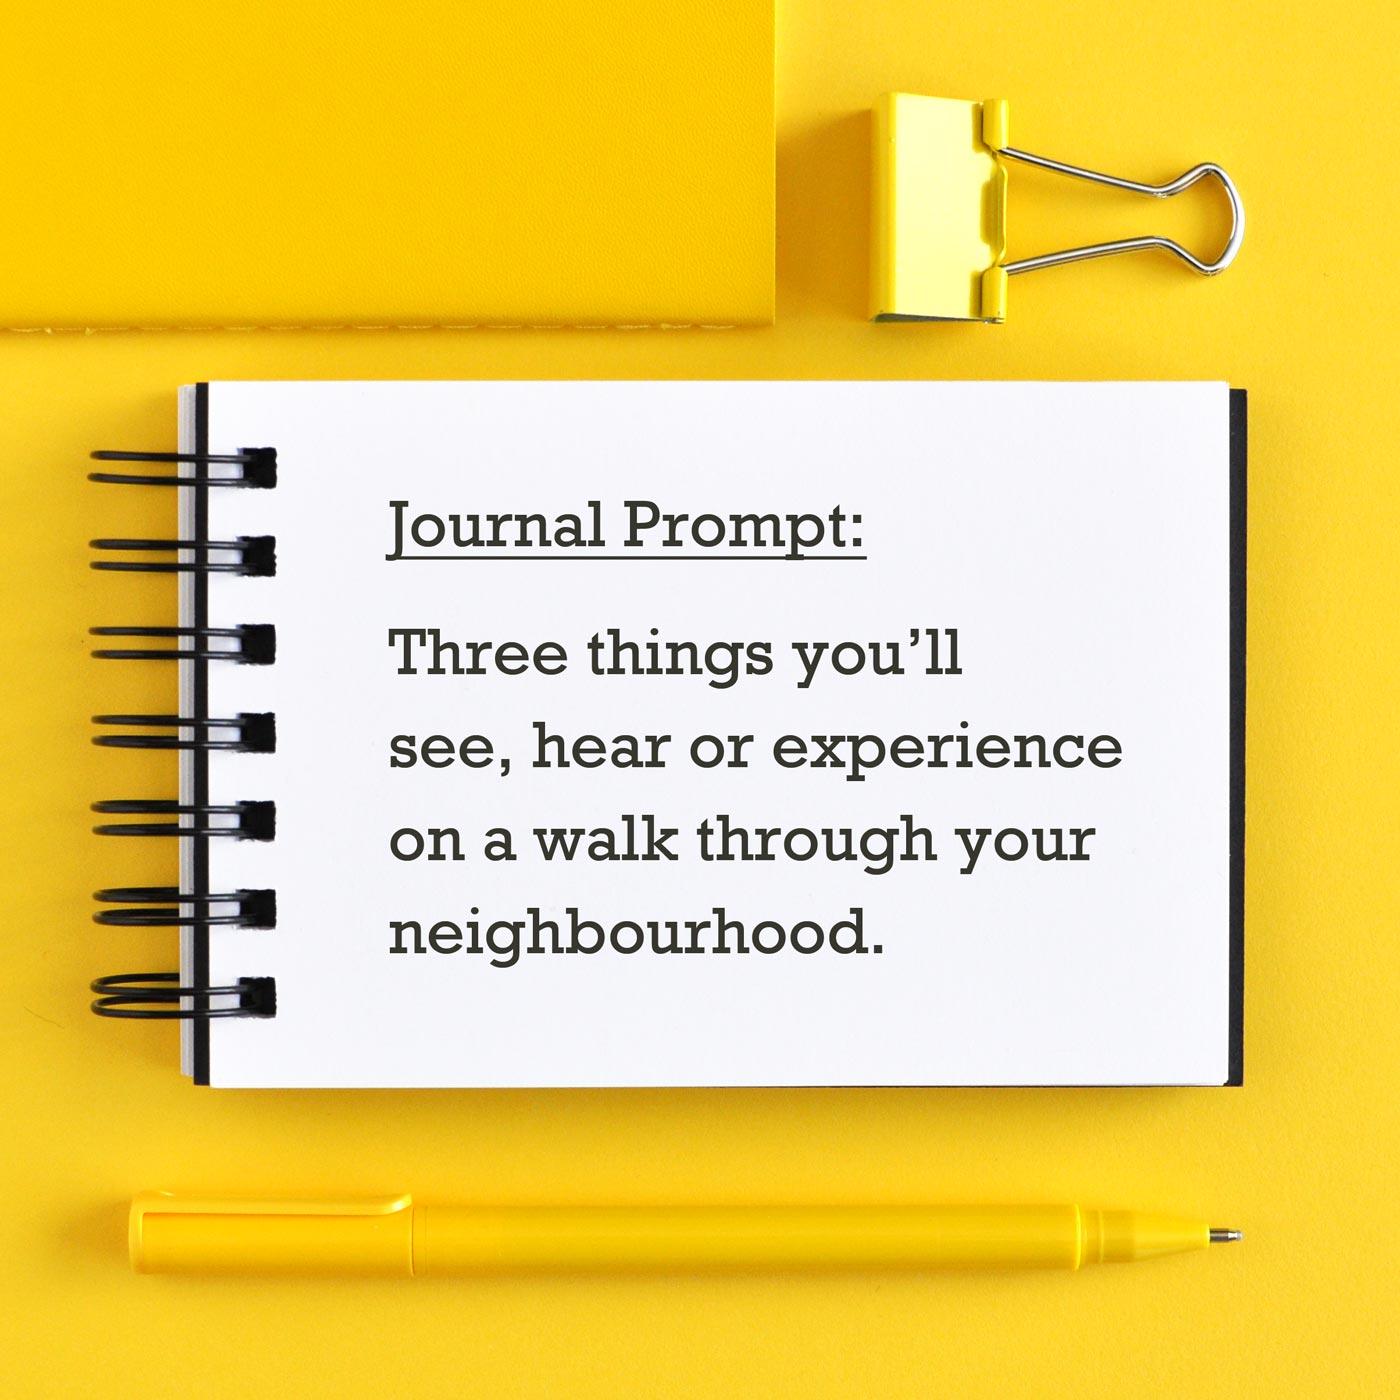 30-01-2018---Journal-prompt-by-Christie-Zimmer.jpg